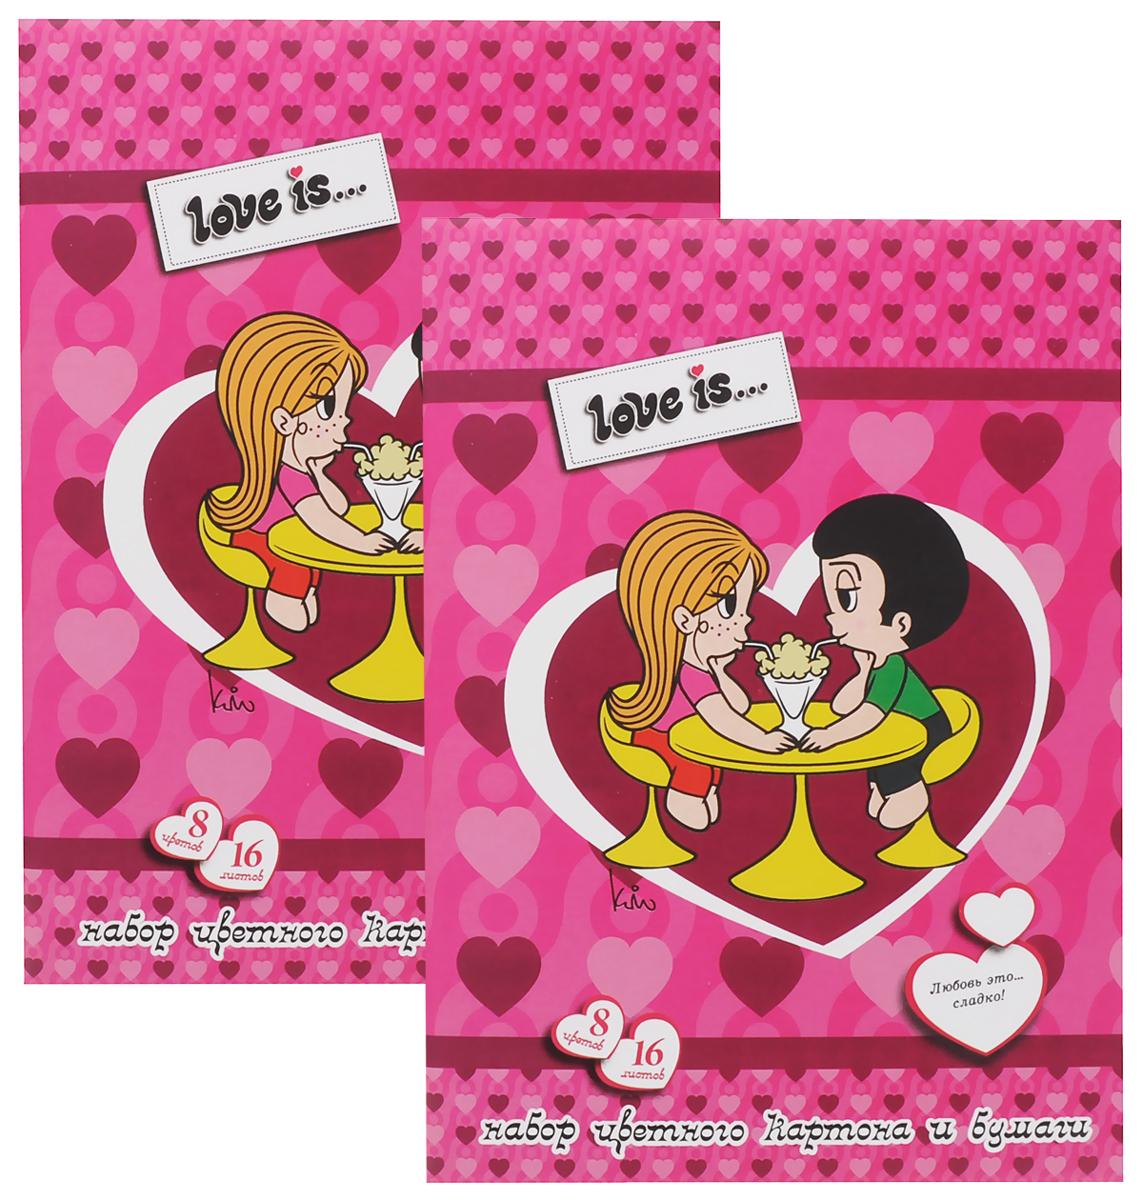 Action! Набор цветного картона и бумаги Love is... 16 листов 2 шт цвет розовый action набор цветного картона strawberry shortcake 8 листов 2 шт